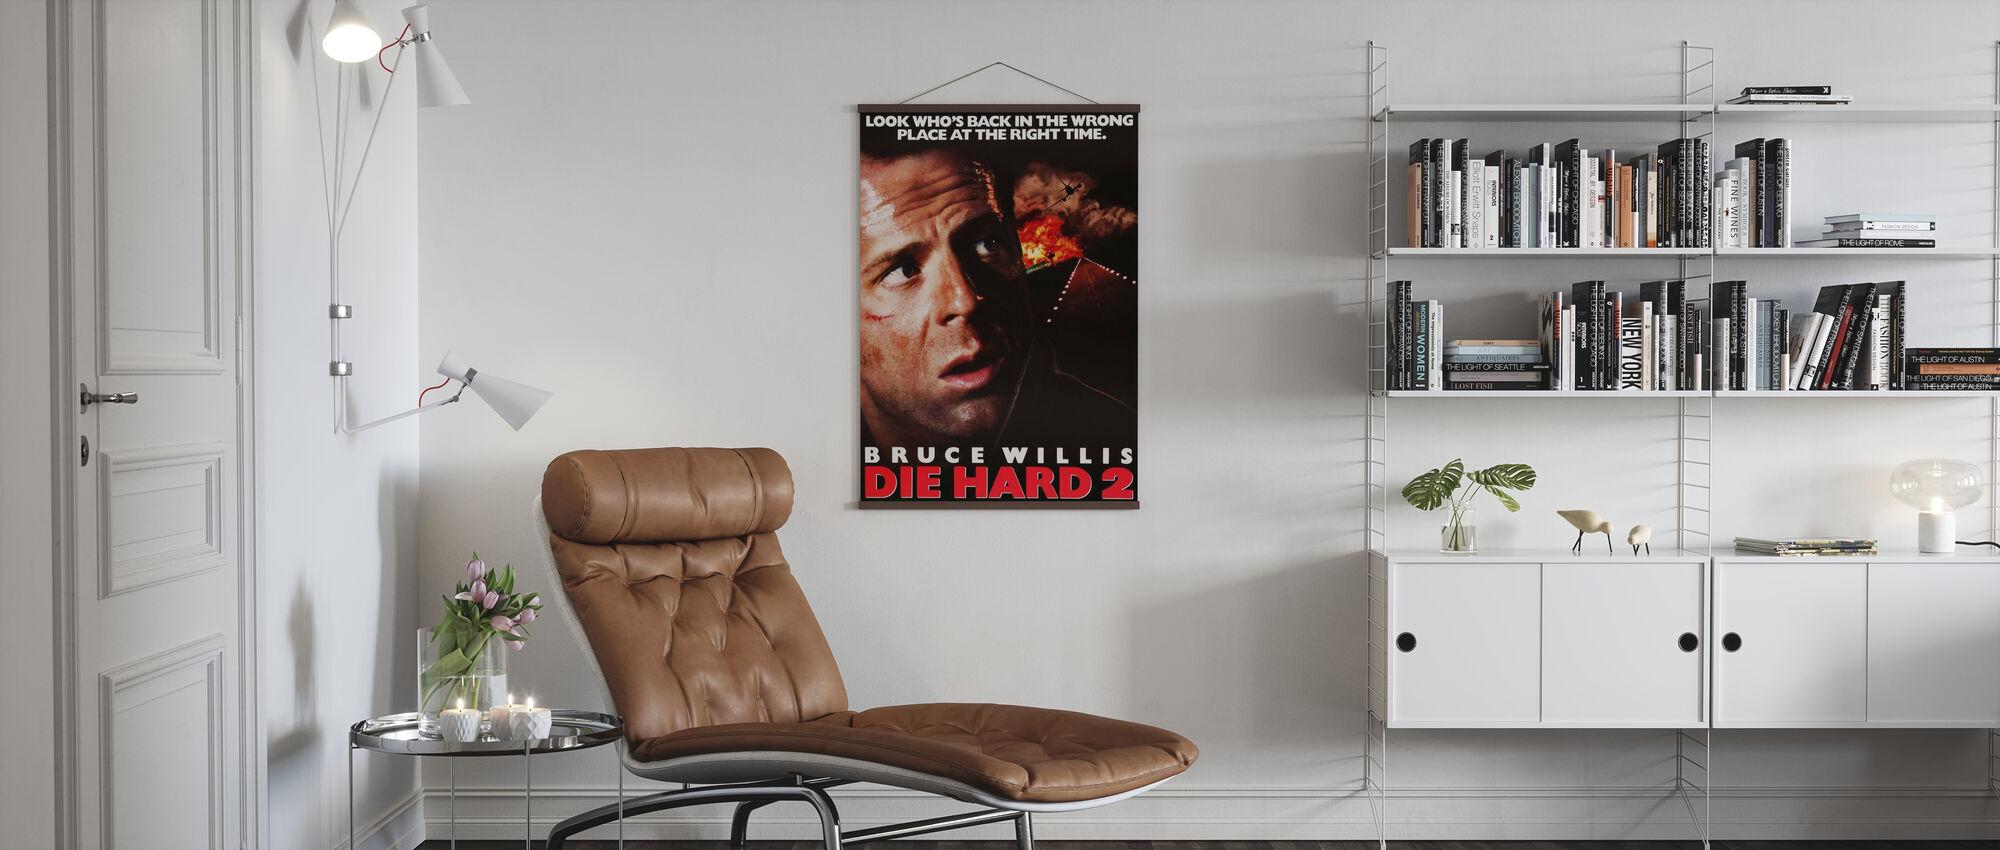 Bruce Willis in Die Schwer 2 - Poster - Wohnzimmer